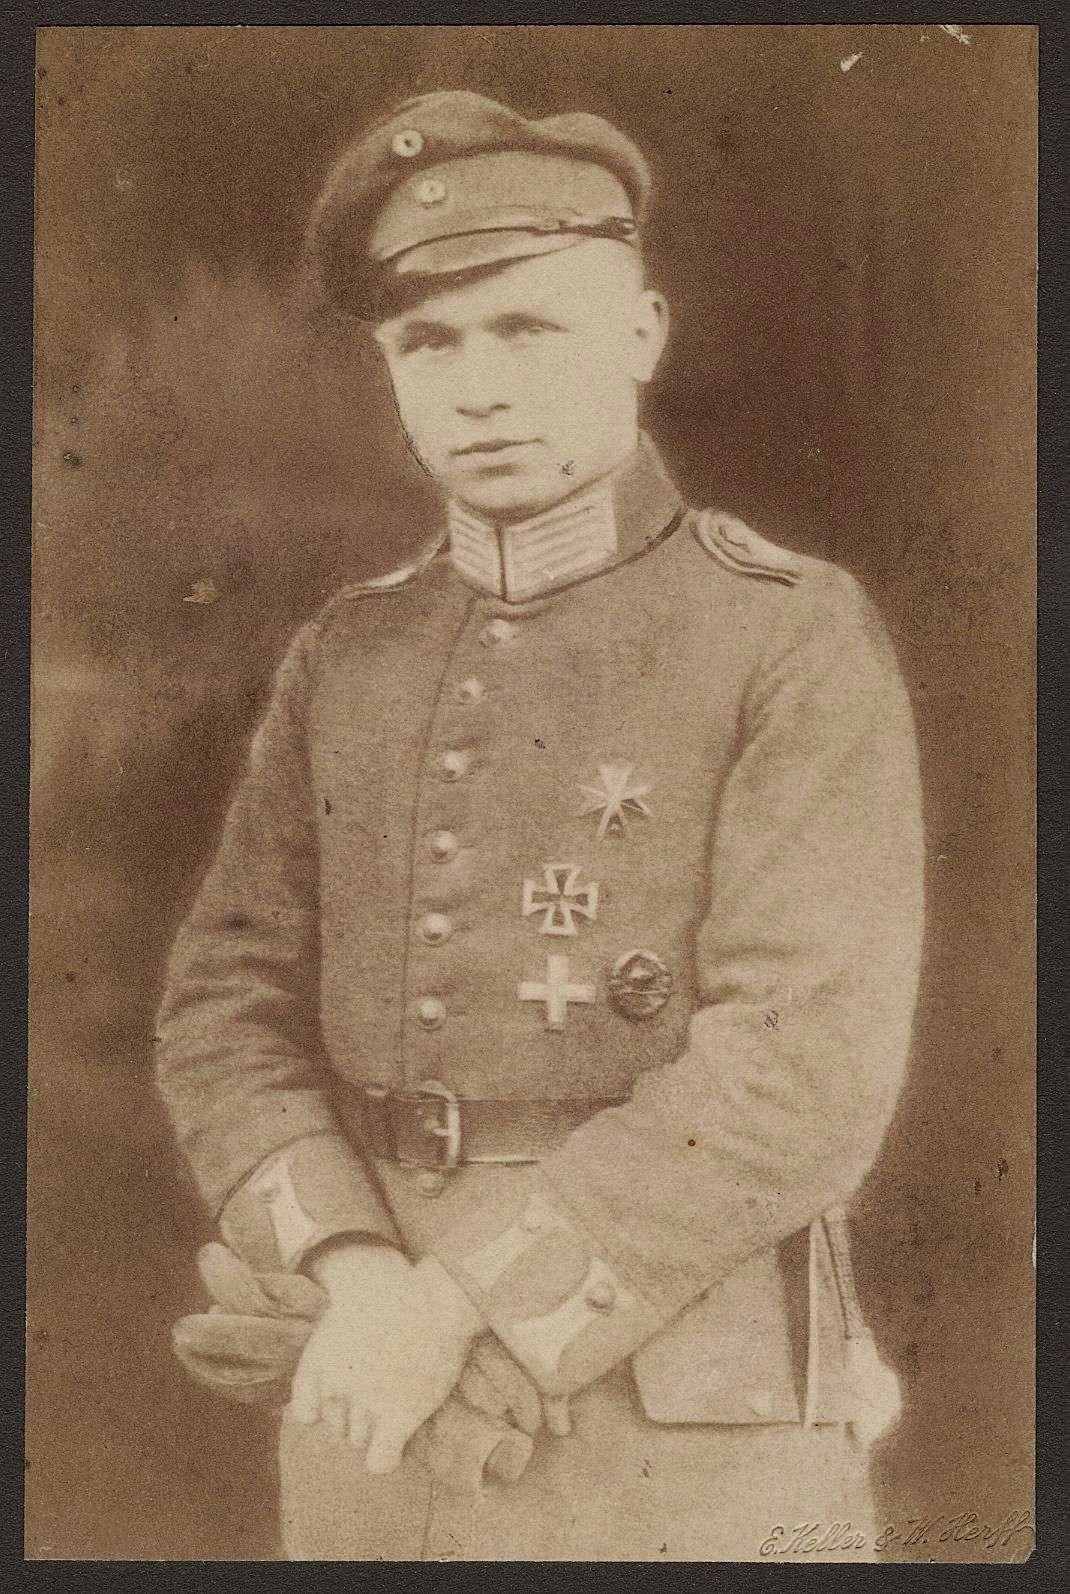 Gesswein, Adolf, Bild 1